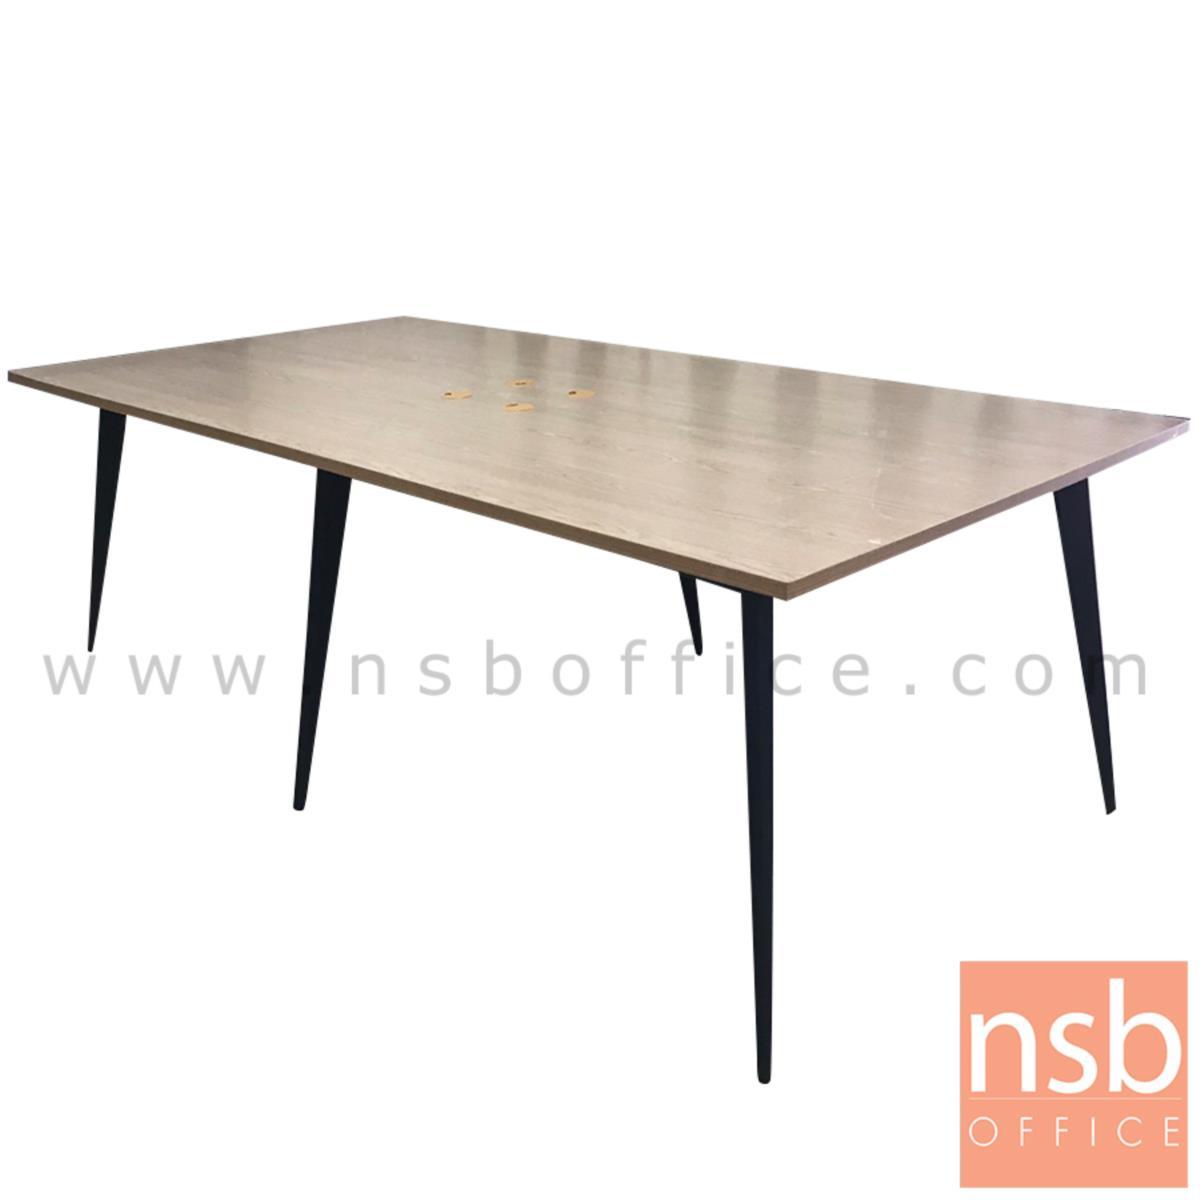 A05A196:โต๊ะประชุมทรงสี่เหลี่ยม รุ่น SKYLINE ขนาด 240W cm. ขาปลายเรียวหกเหลี่ยม สีเทาฟ้า